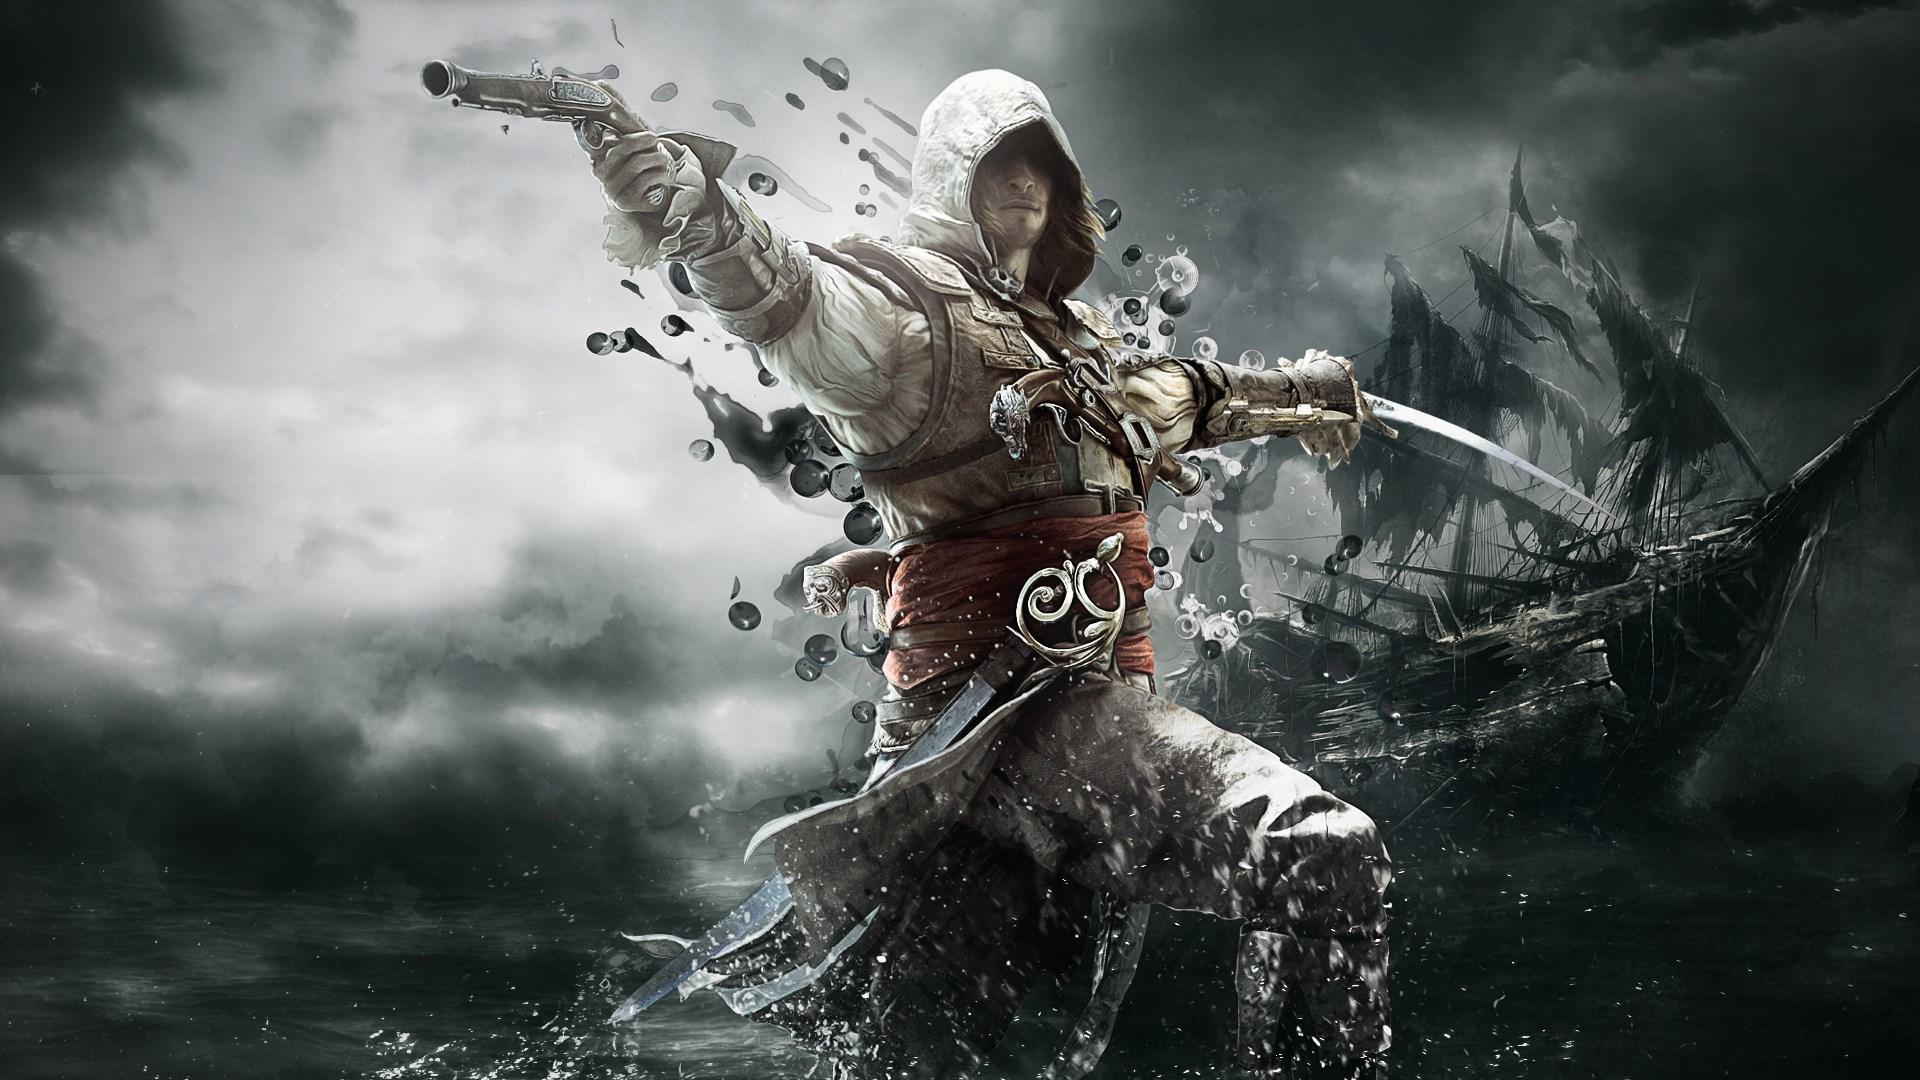 23106 Hintergrundbild herunterladen Spiele, Assassins Creed - Bildschirmschoner und Bilder kostenlos